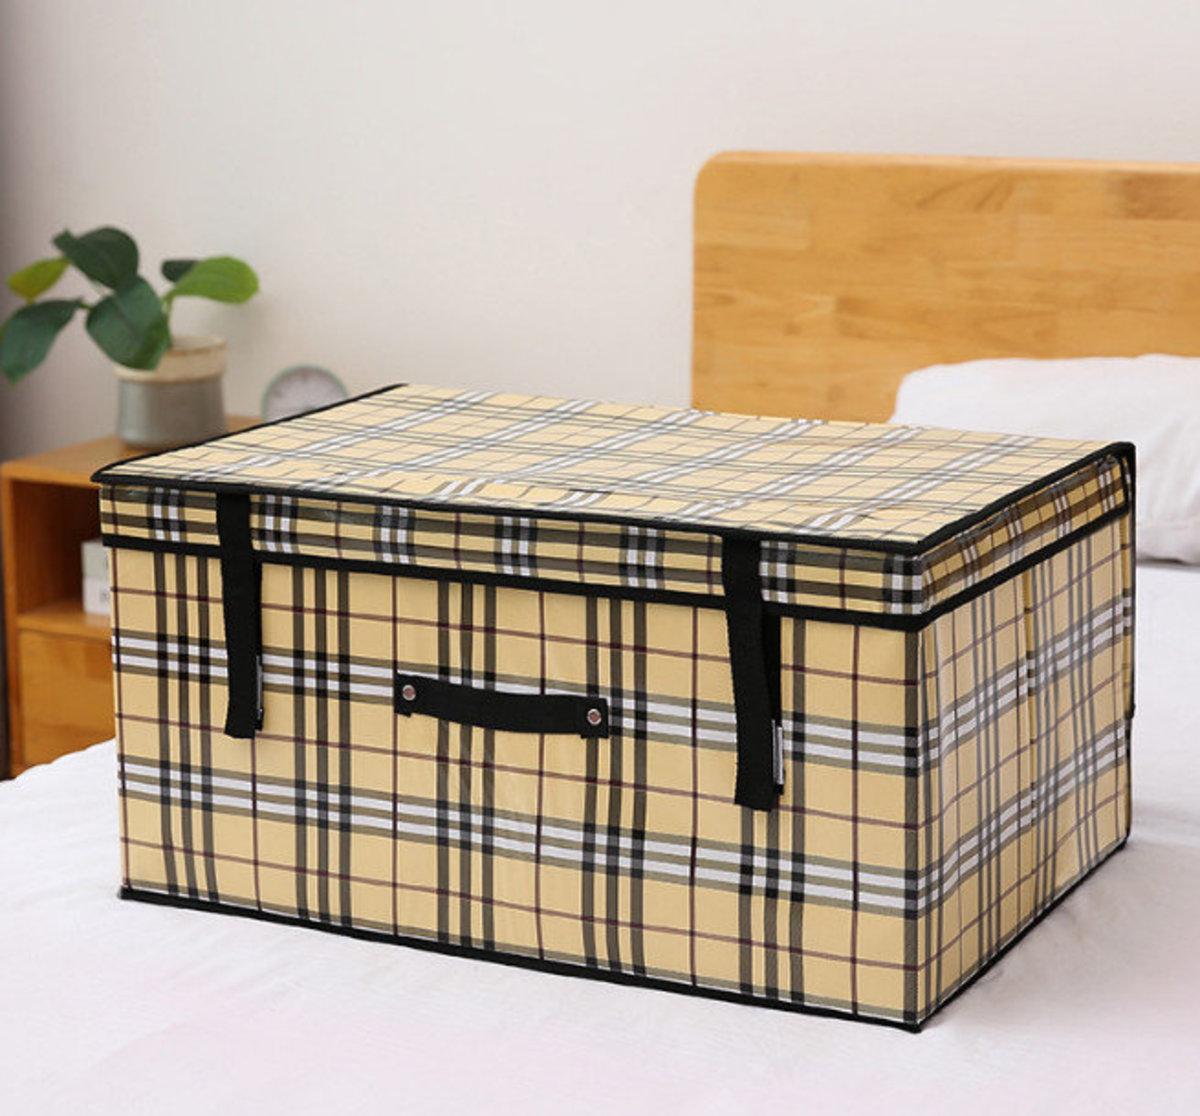 布藝棉麻圖案衣物收納箱,玩具收納箱(60*40*30cm 格子)#906_00013